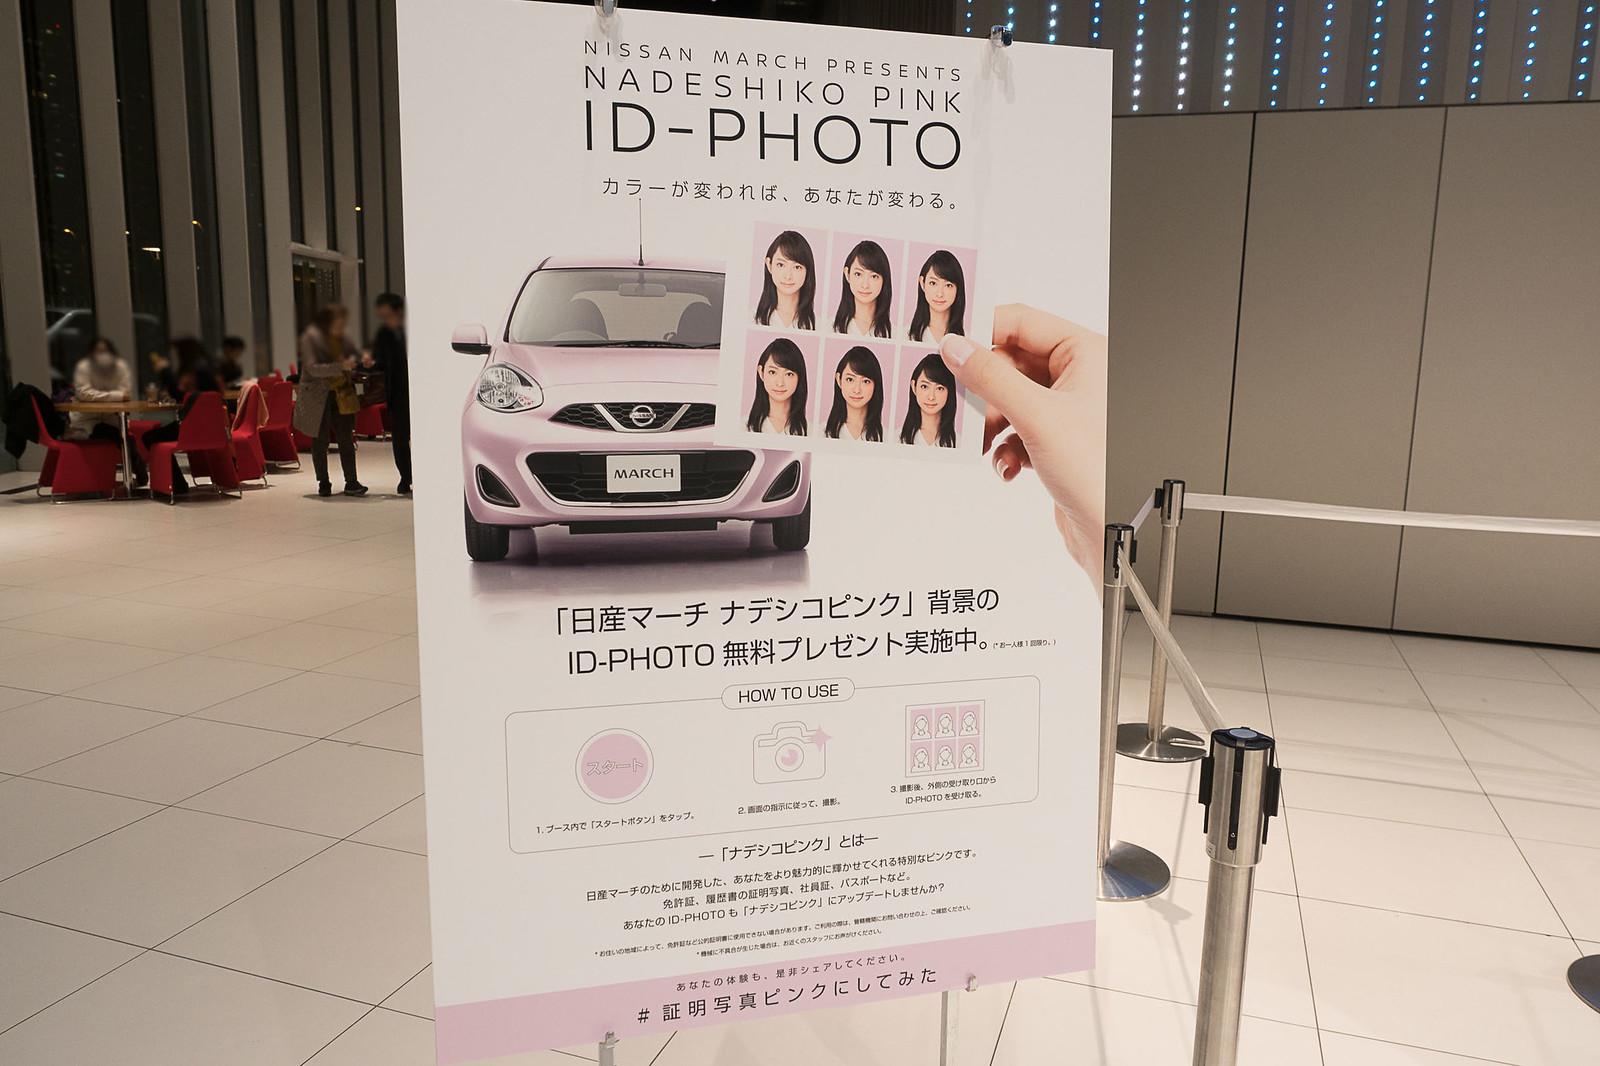 Nissan_nadeshiko_pink-2